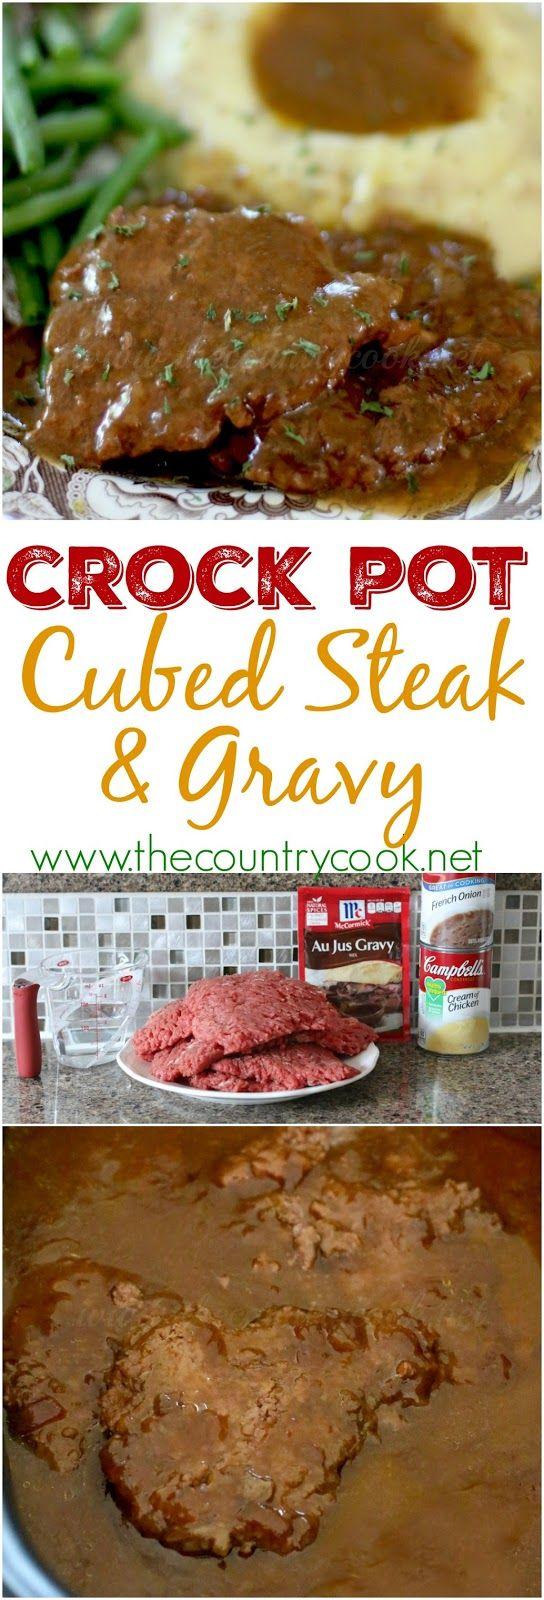 Crock Pot Cubed Steak with Gravy